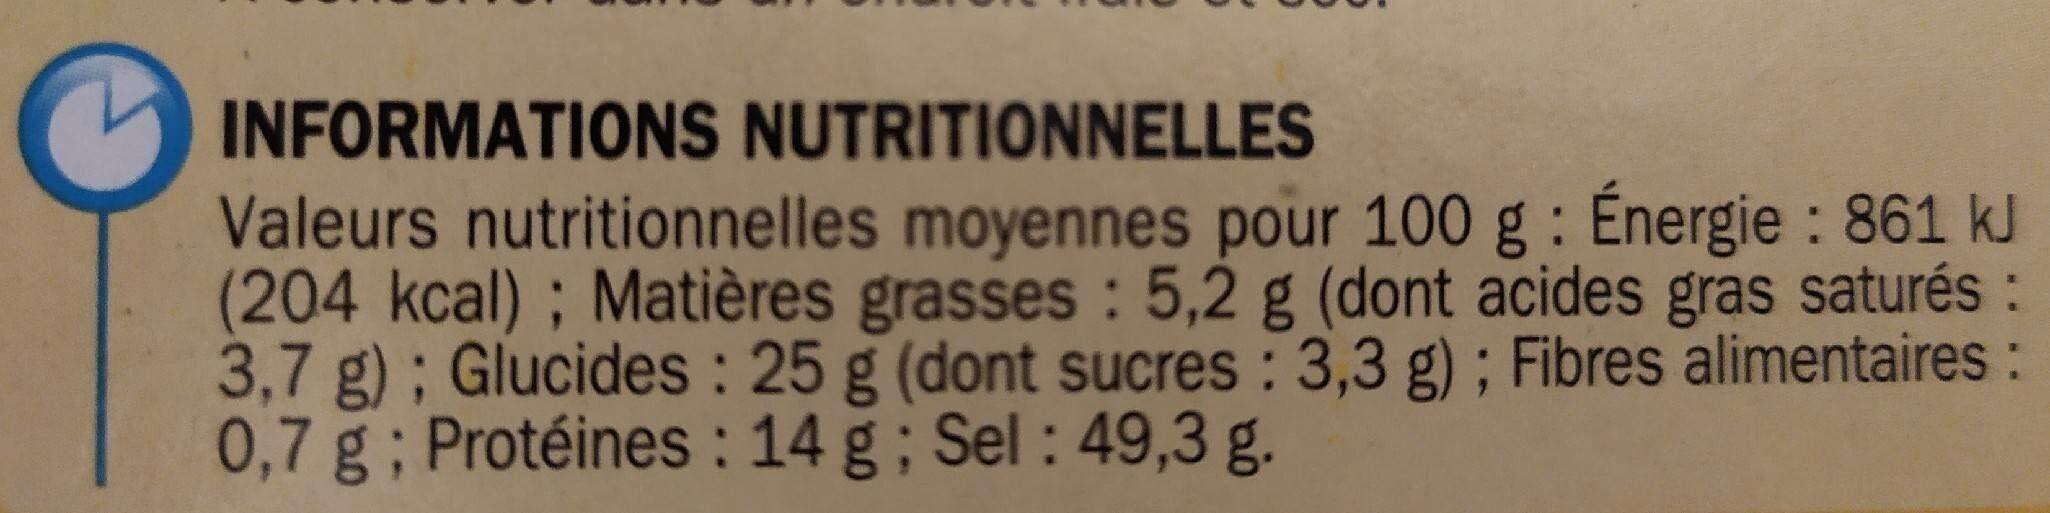 Bouillon de pot au feu dégraissé 12 x 10 g - Informations nutritionnelles